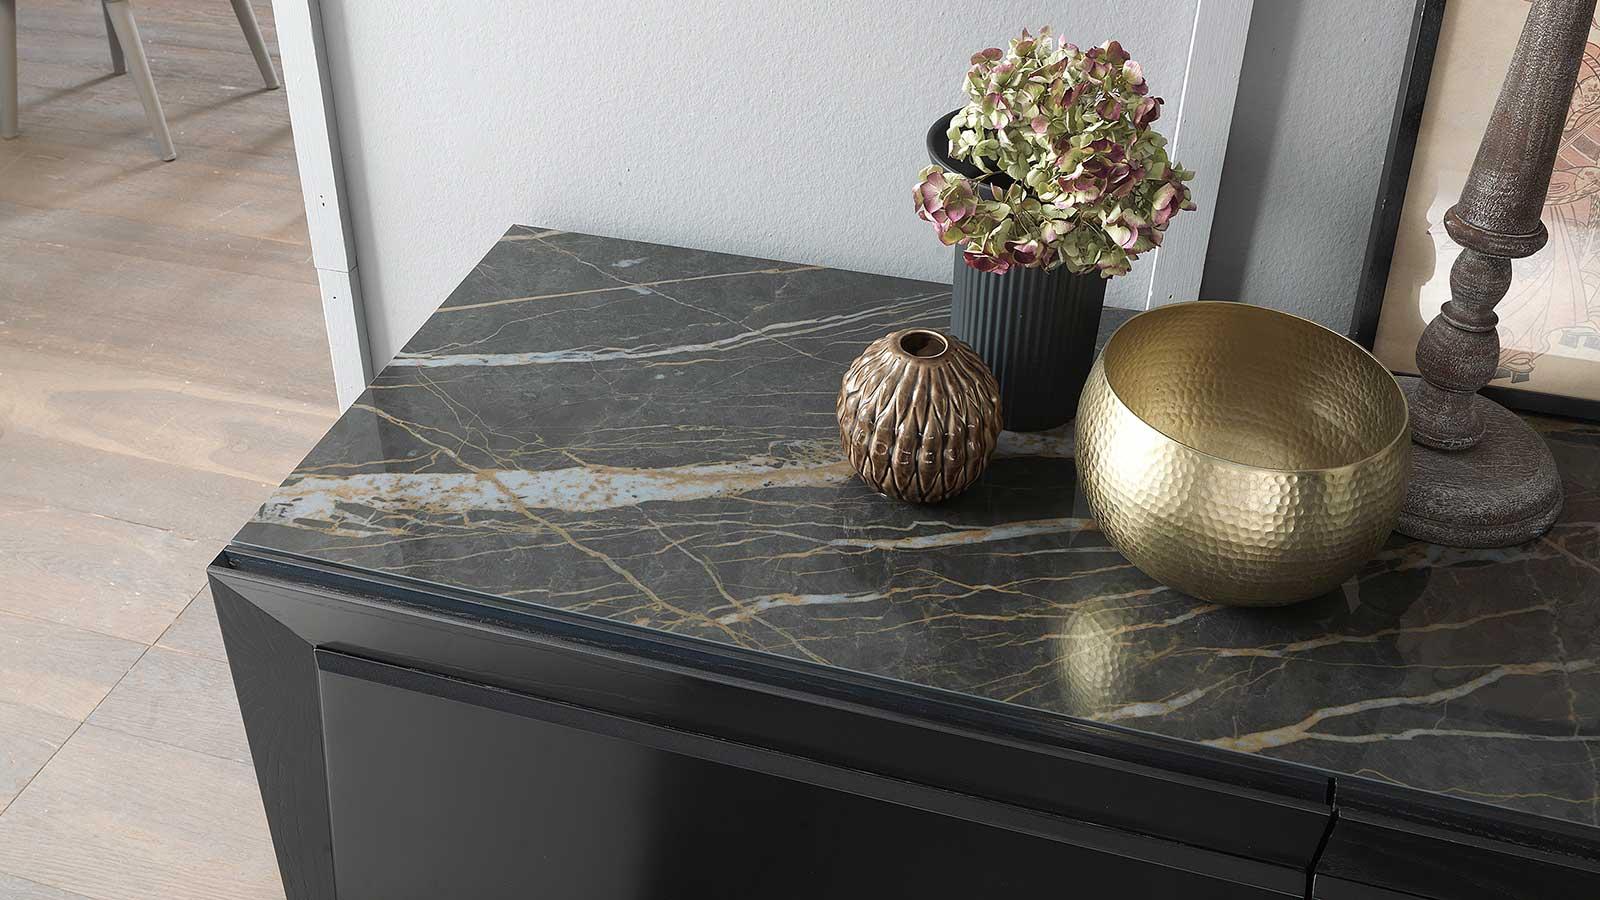 Madia a 3 ante disegnata da Andrea Lucatello. Colore grigio antracite. Top in ceramica nero lucido. Arreda la tua casa in modo lussuoso e moderno.